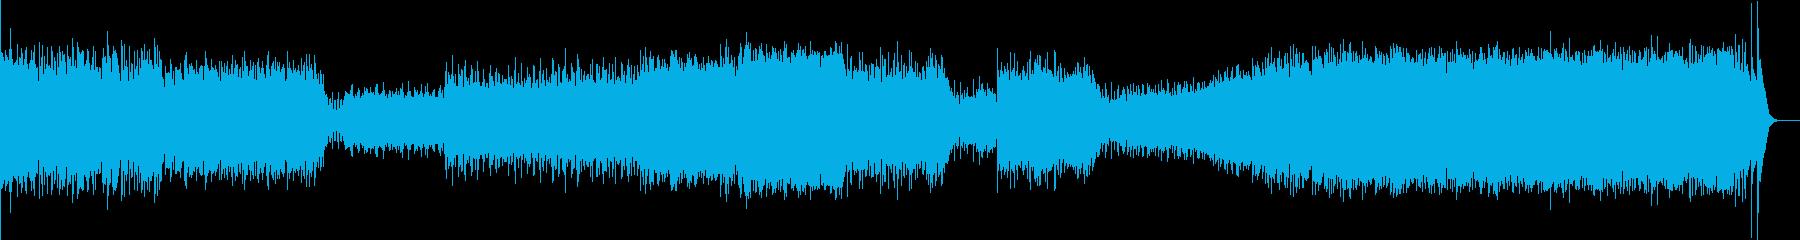 『アルルの女』より第4曲ファランドールの再生済みの波形